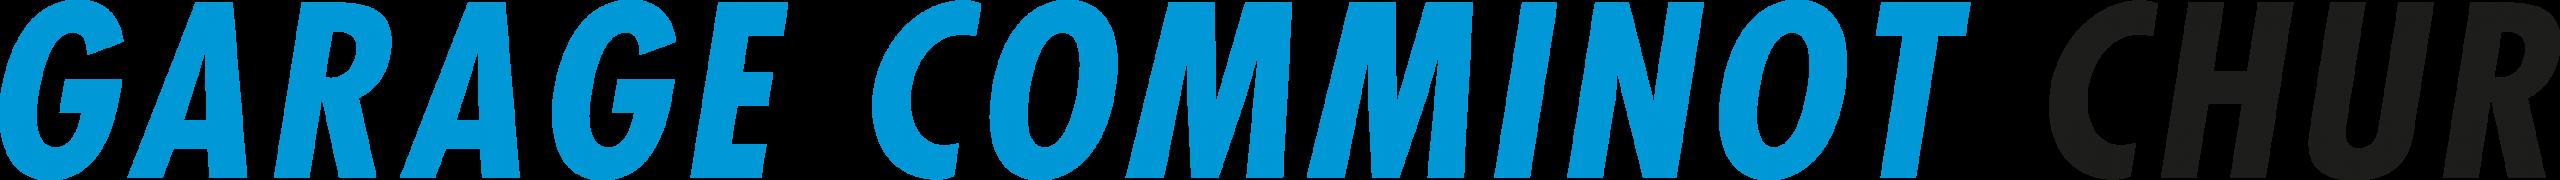 Logo Garage Comminot Chur